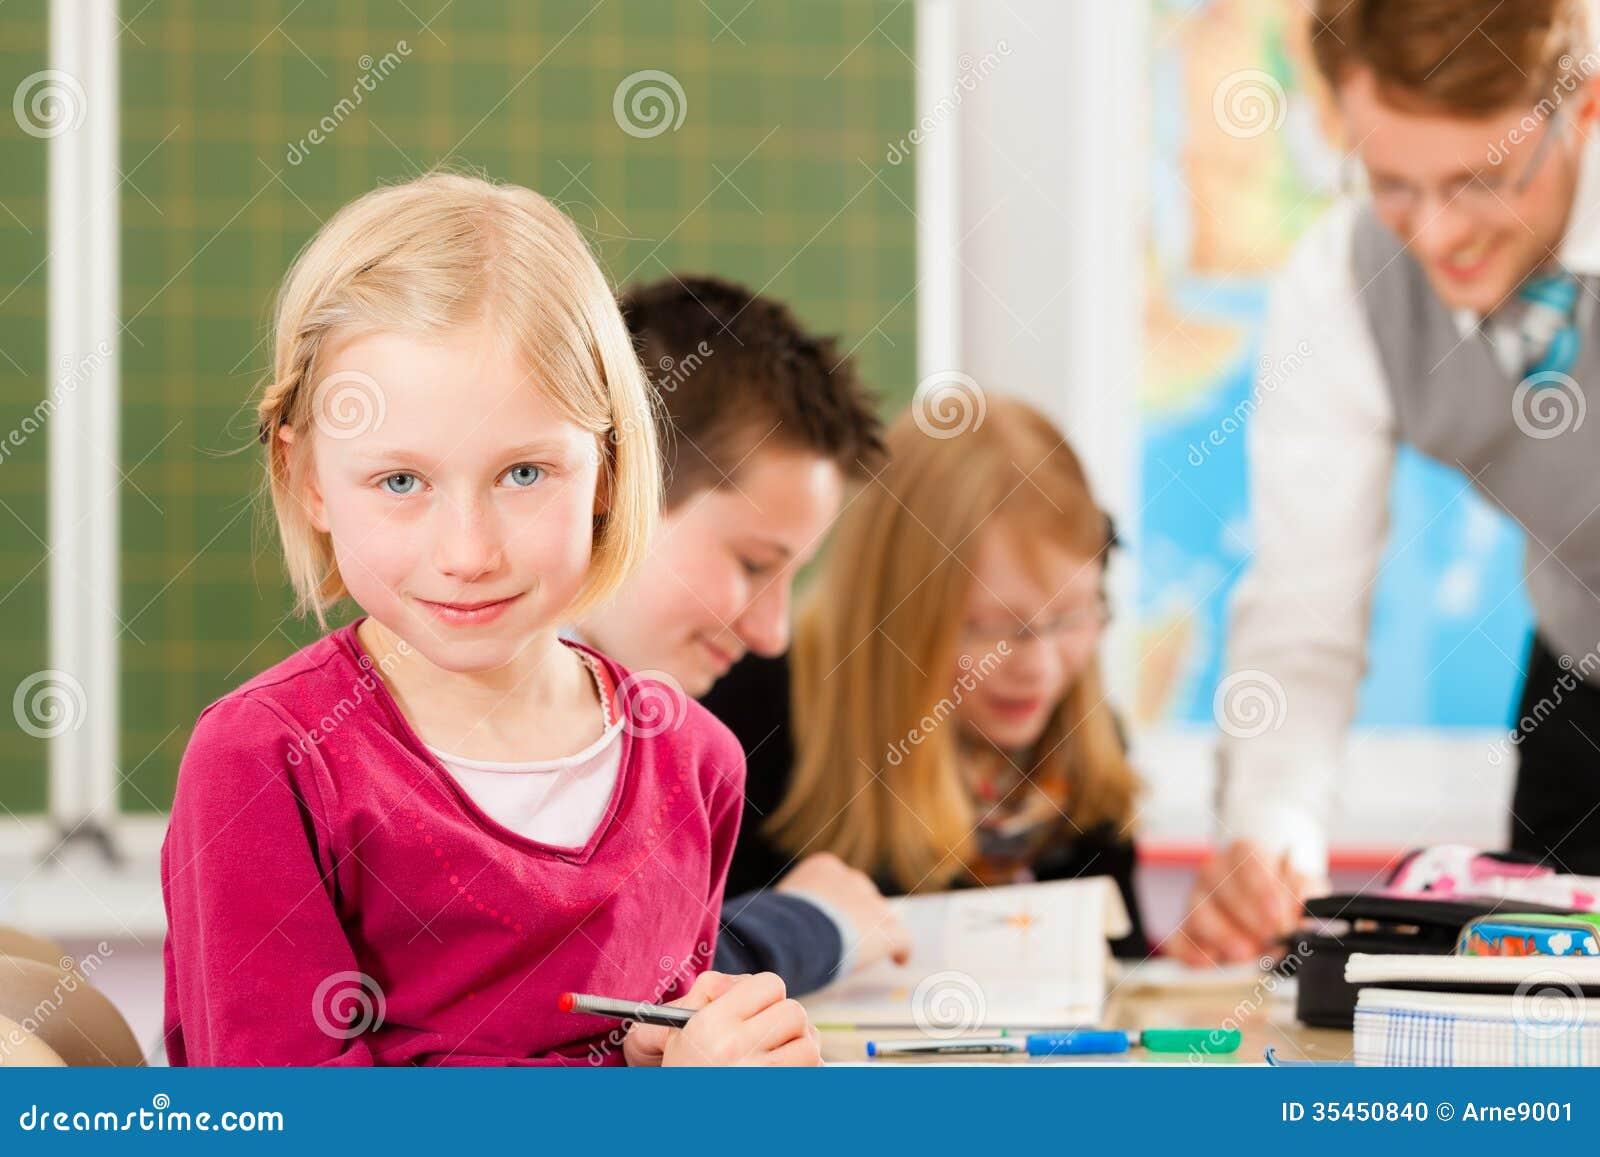 Educação - alunos e professor que aprendem na escola